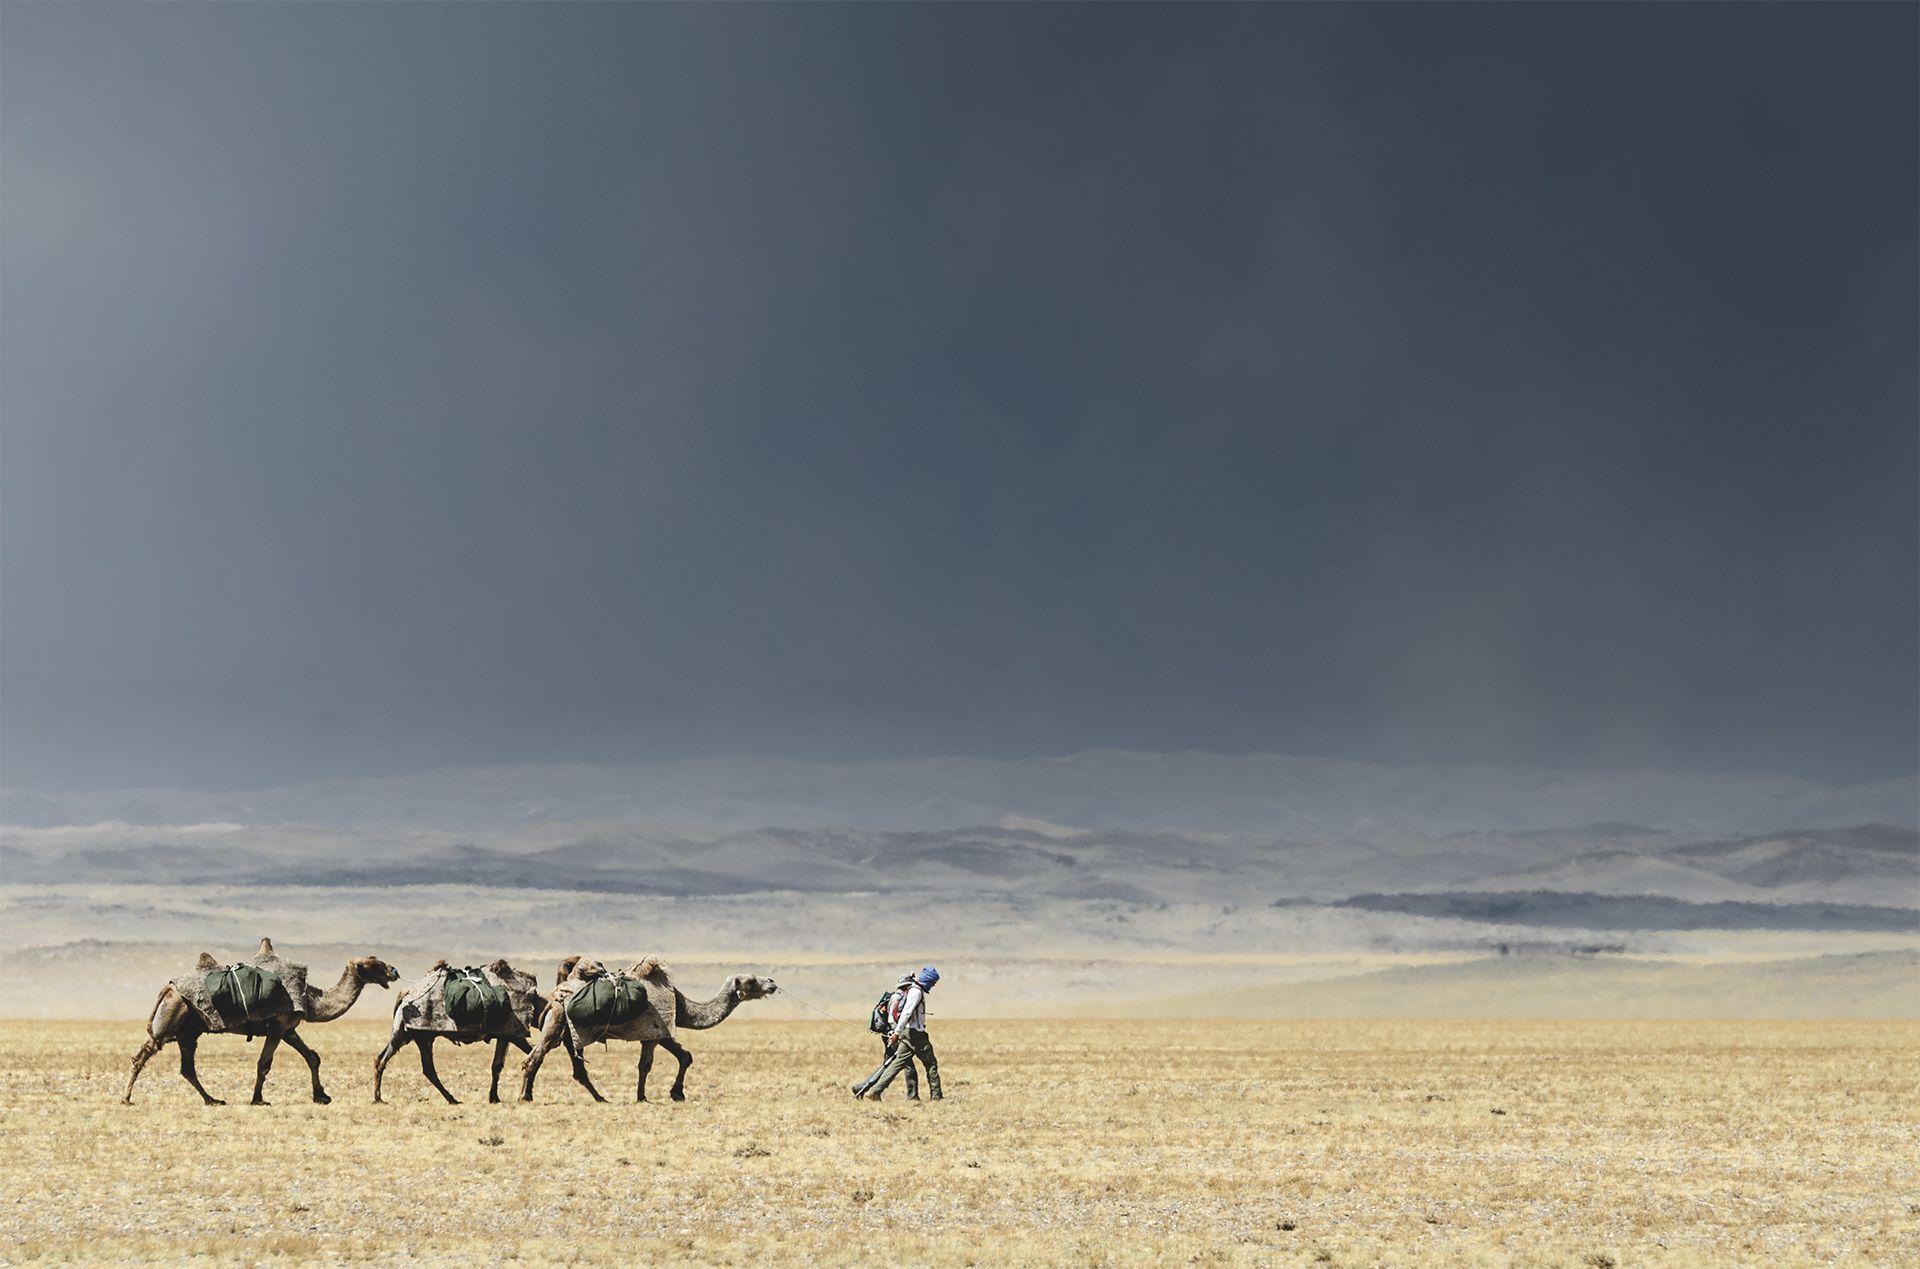 Une caravane dans le désert de Gobi